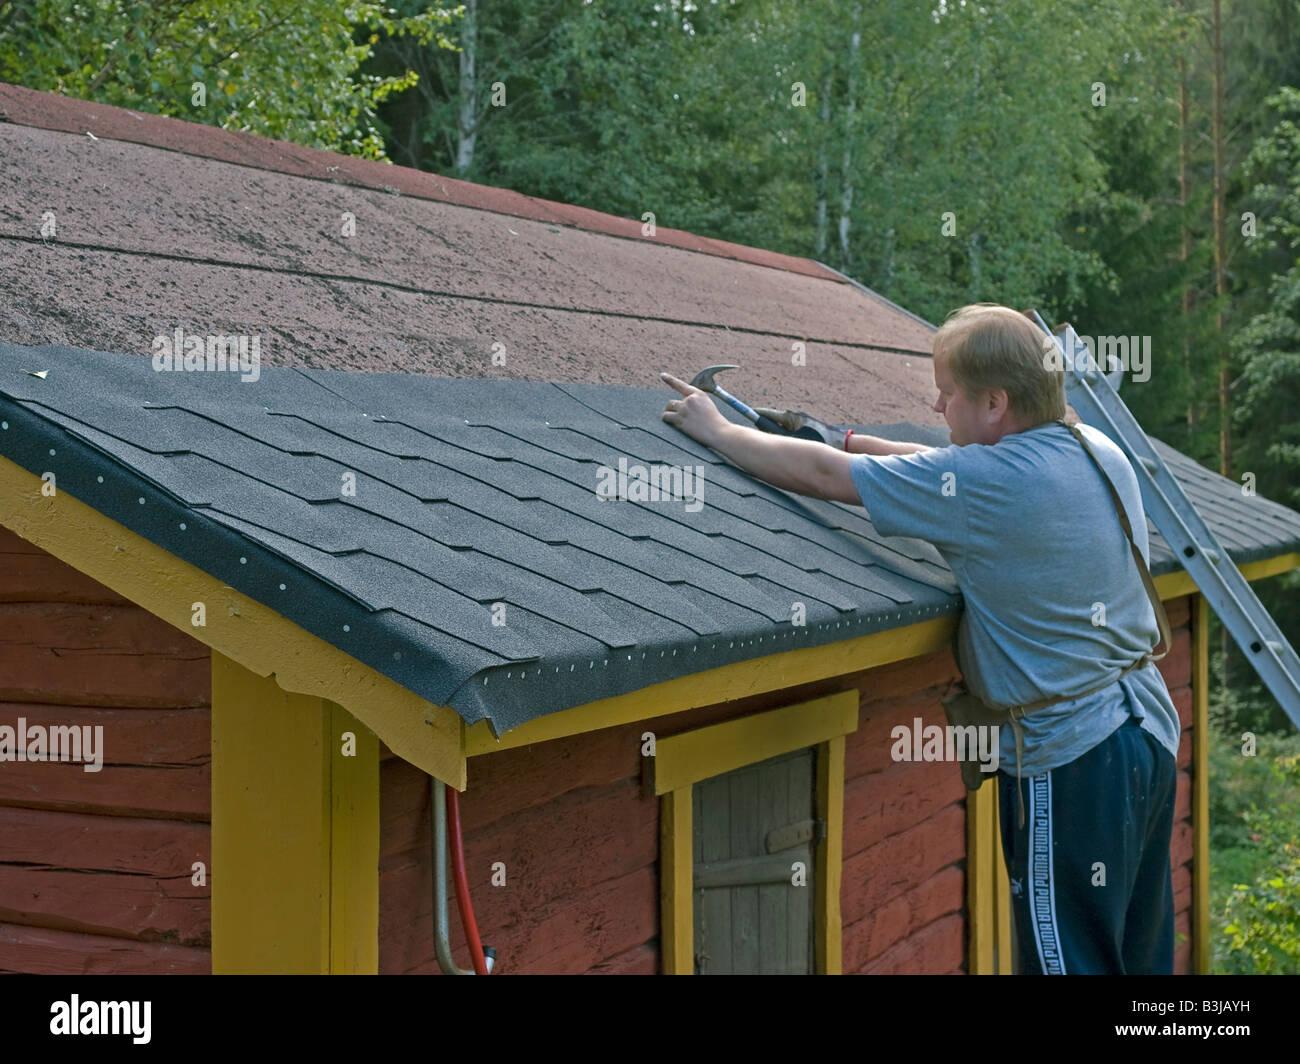 mann tierung renovieren neuerschaffung dach pappe berdachung f hlte sich auf dach einer alten. Black Bedroom Furniture Sets. Home Design Ideas